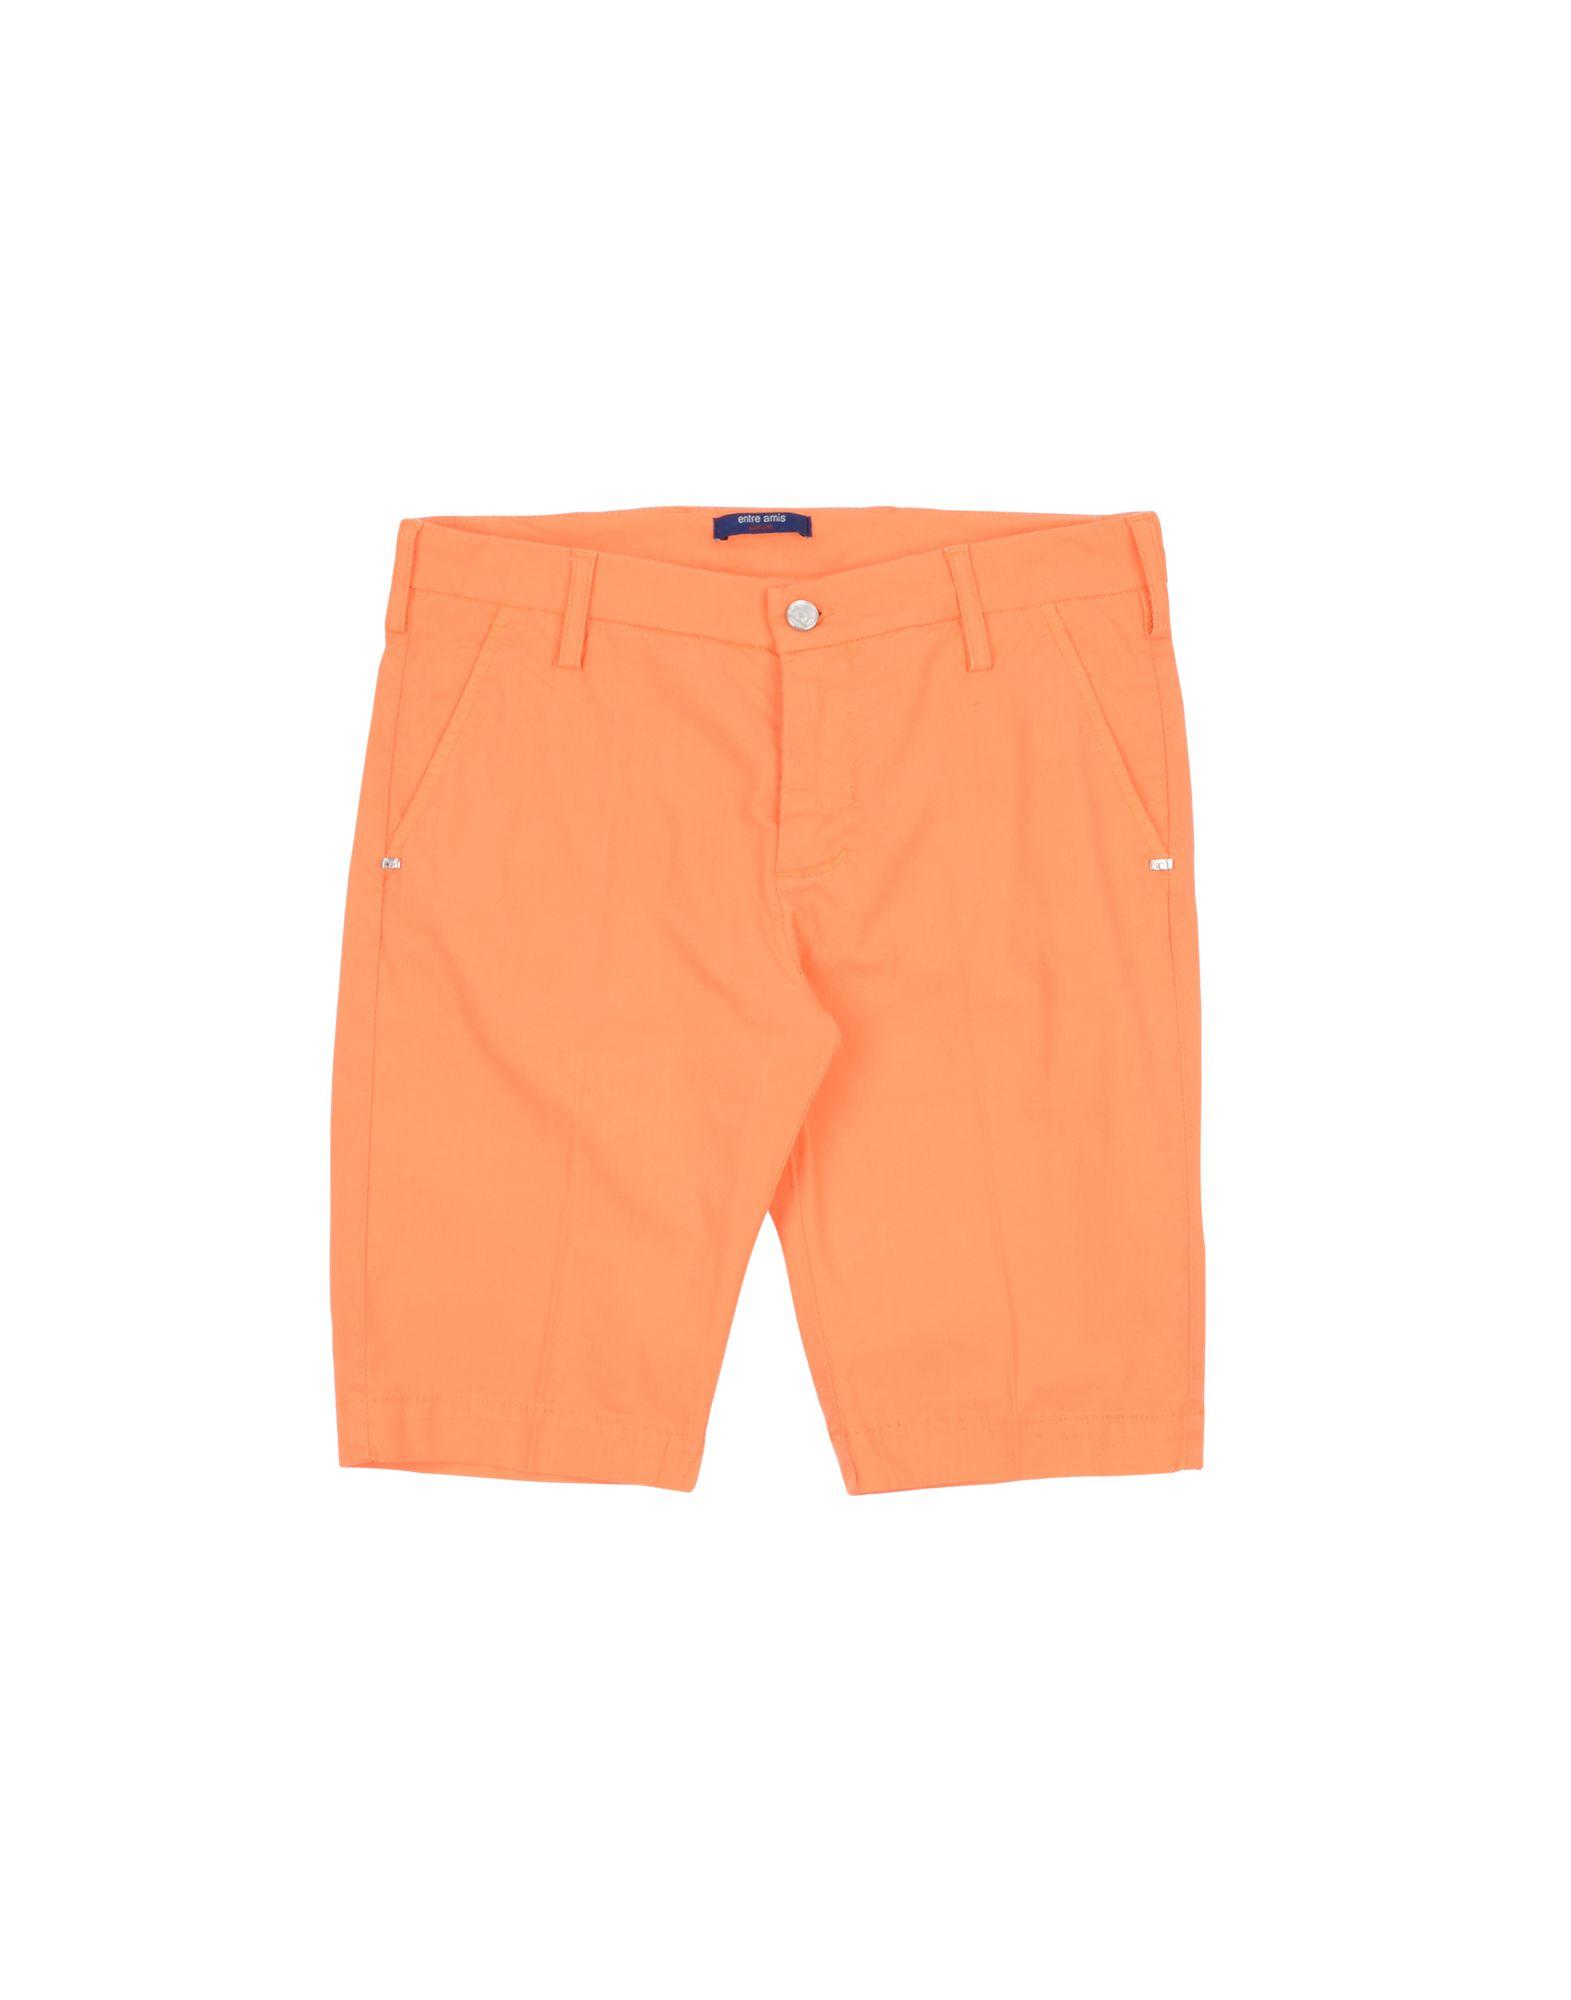 Entre Amis Garçon Kids' Bermudas In Orange